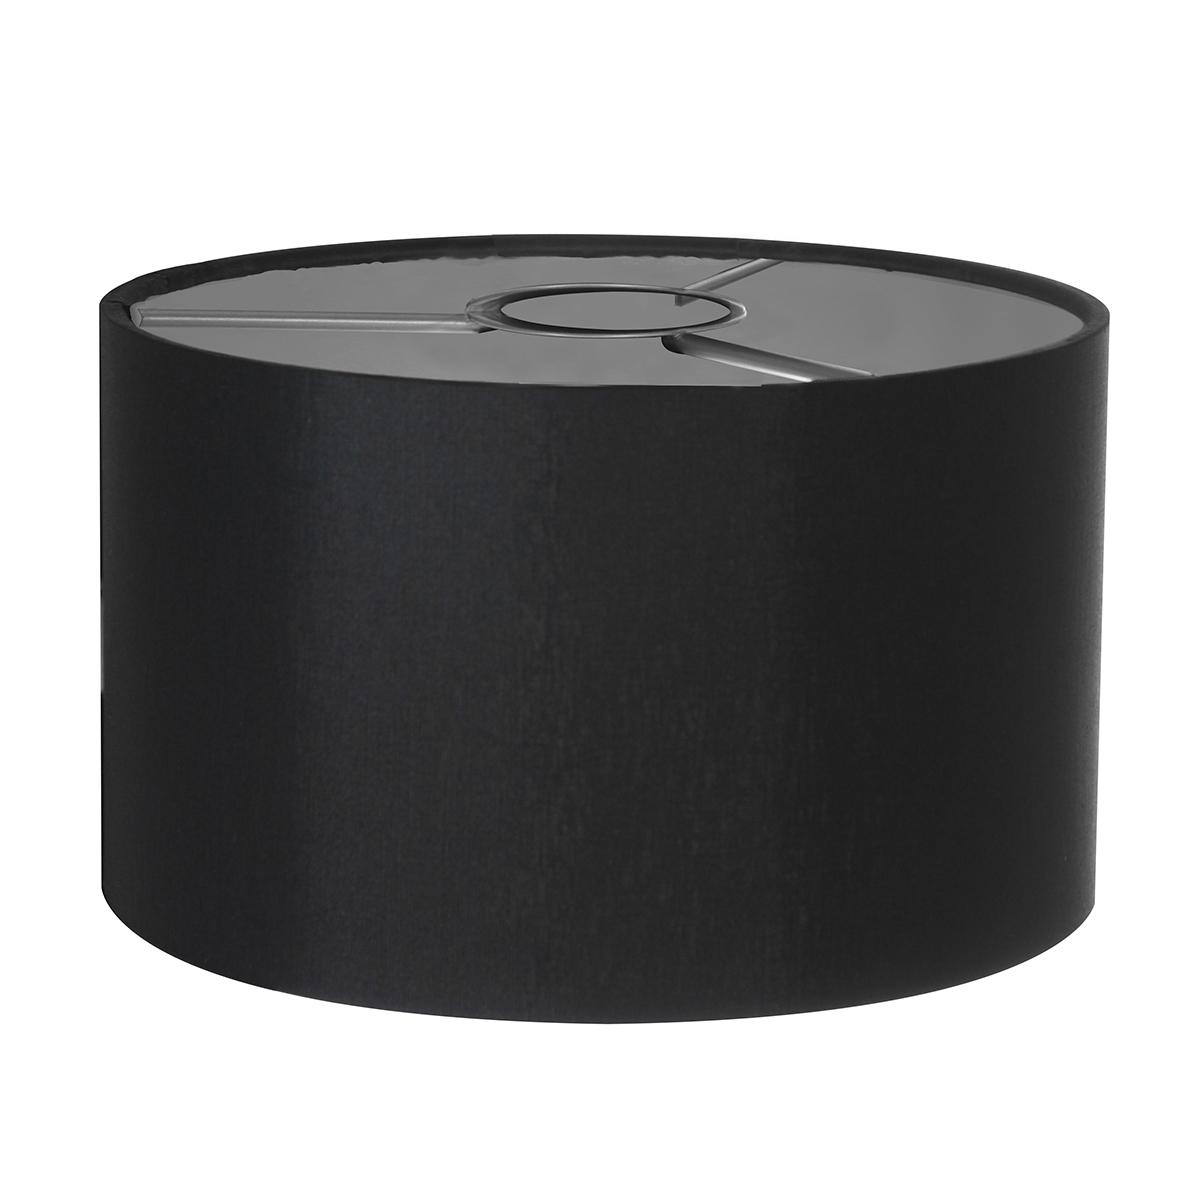 2676 kap 20*12cm E27 zwart / goud - Steinhauer